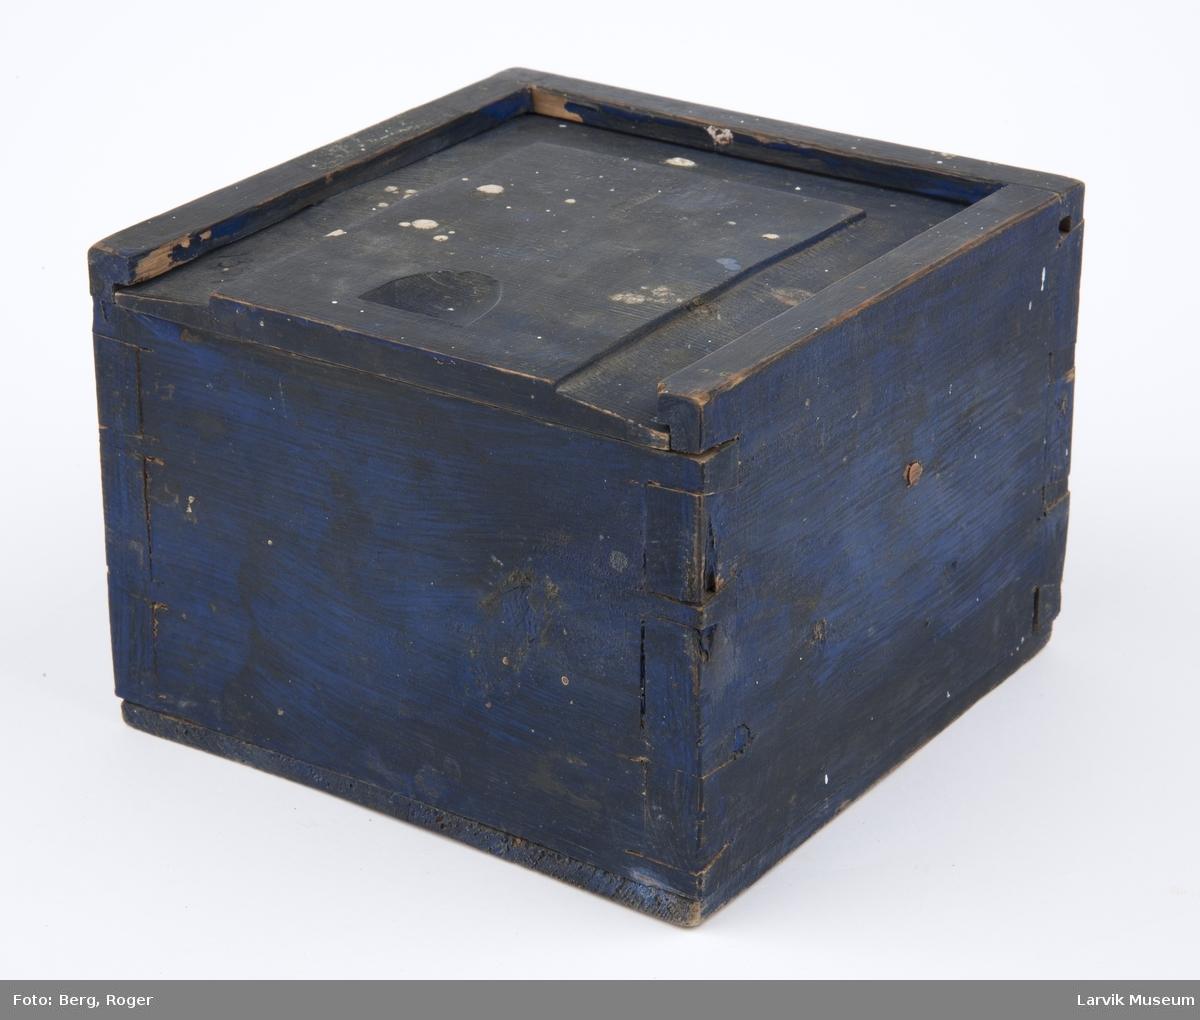 Luftkompass i kasse m skyvelokk